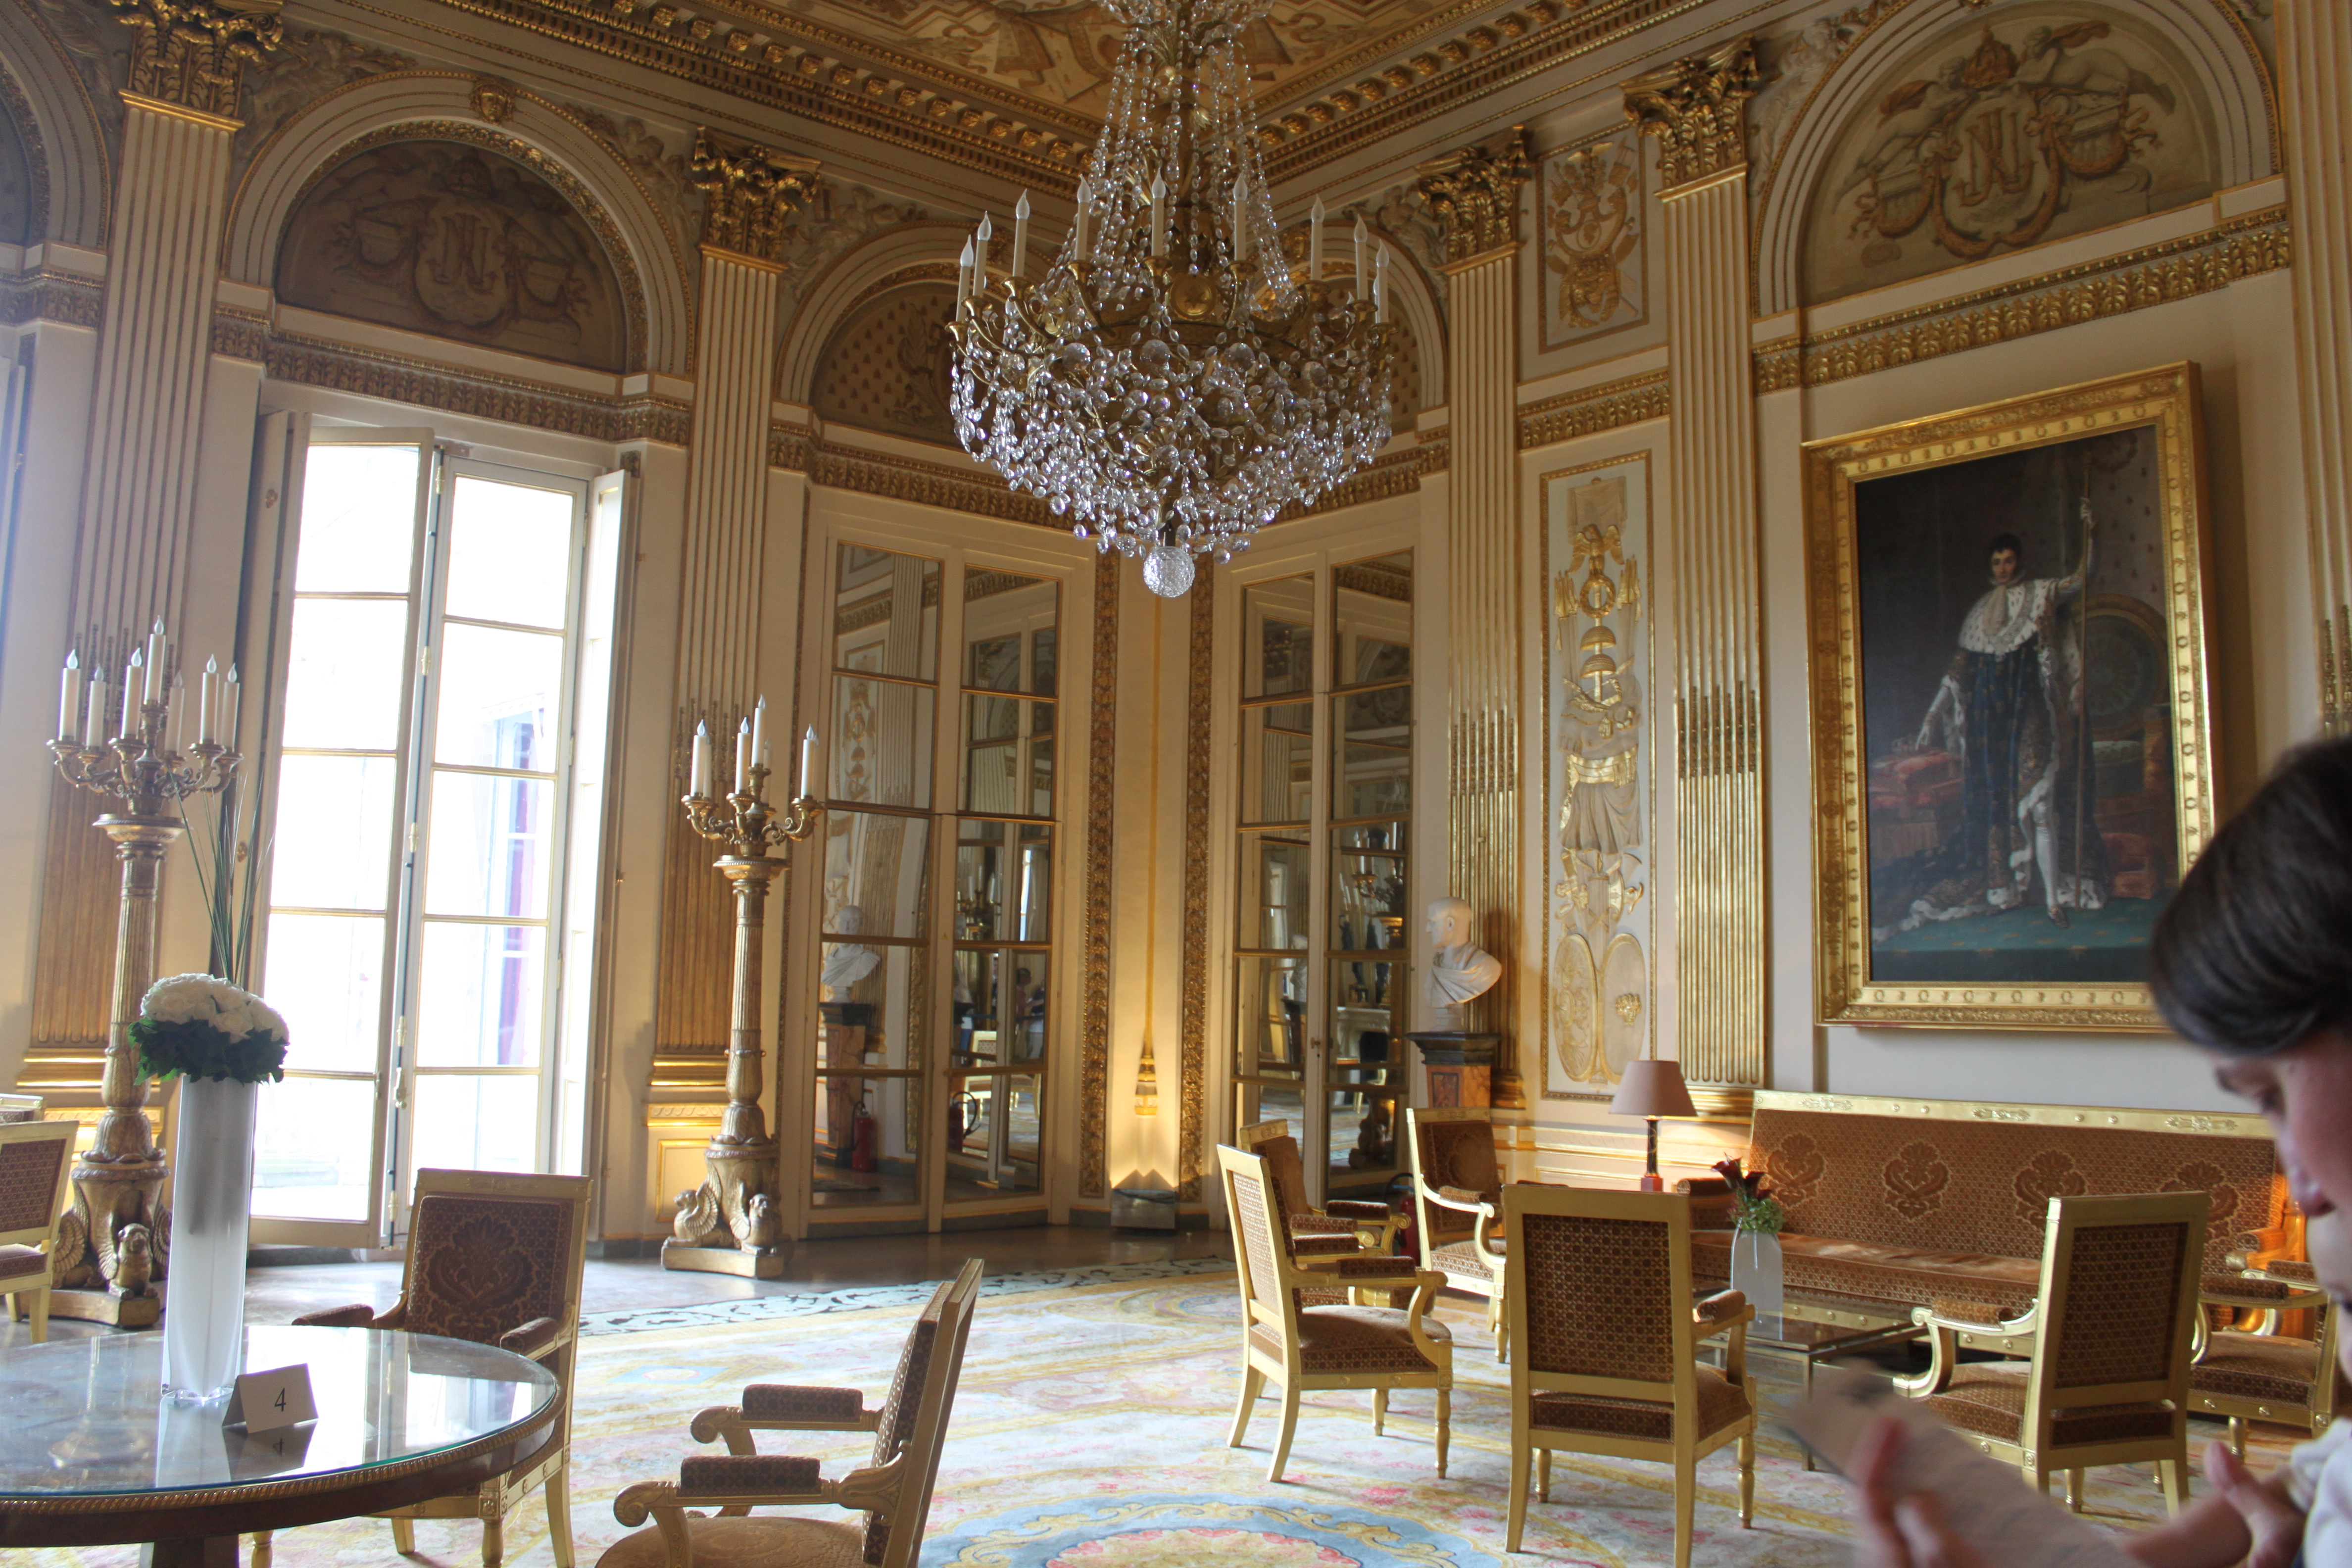 File minist re de la culture palais royal salon j r me jpg wikimedia commons - Salon de the palais royal ...